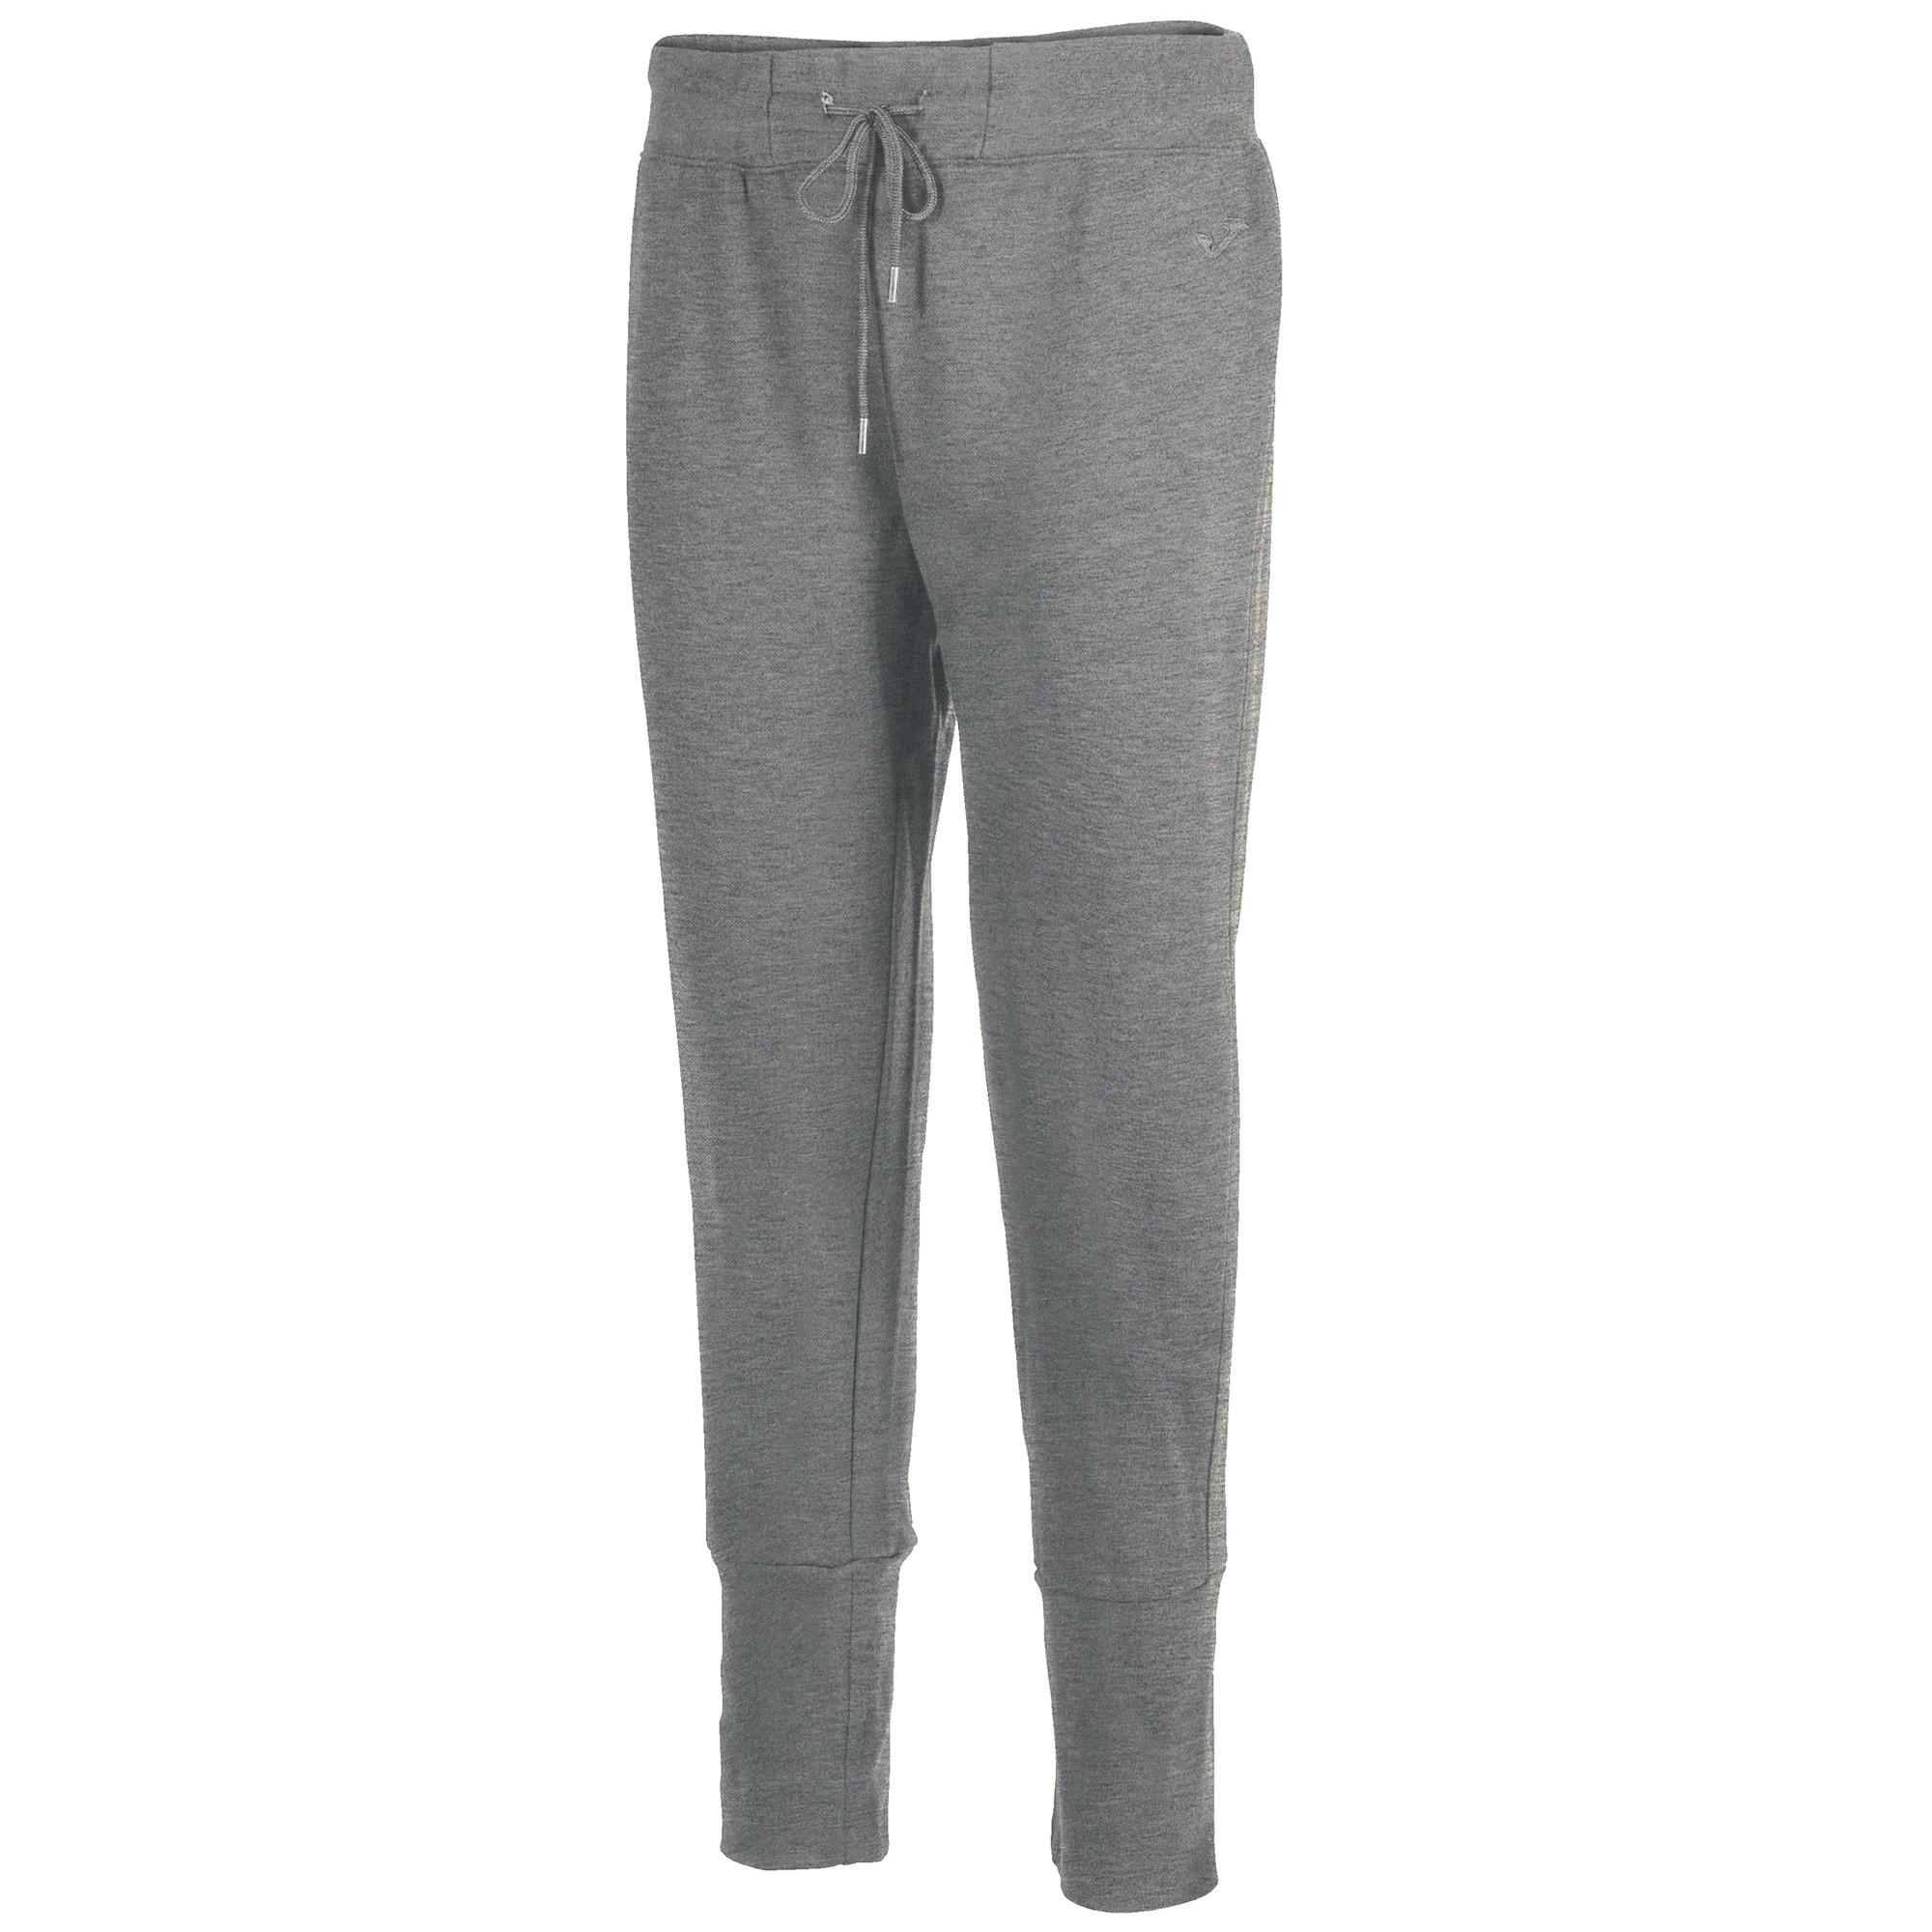 Spodnie bawełniane damskie JOMA STREET II